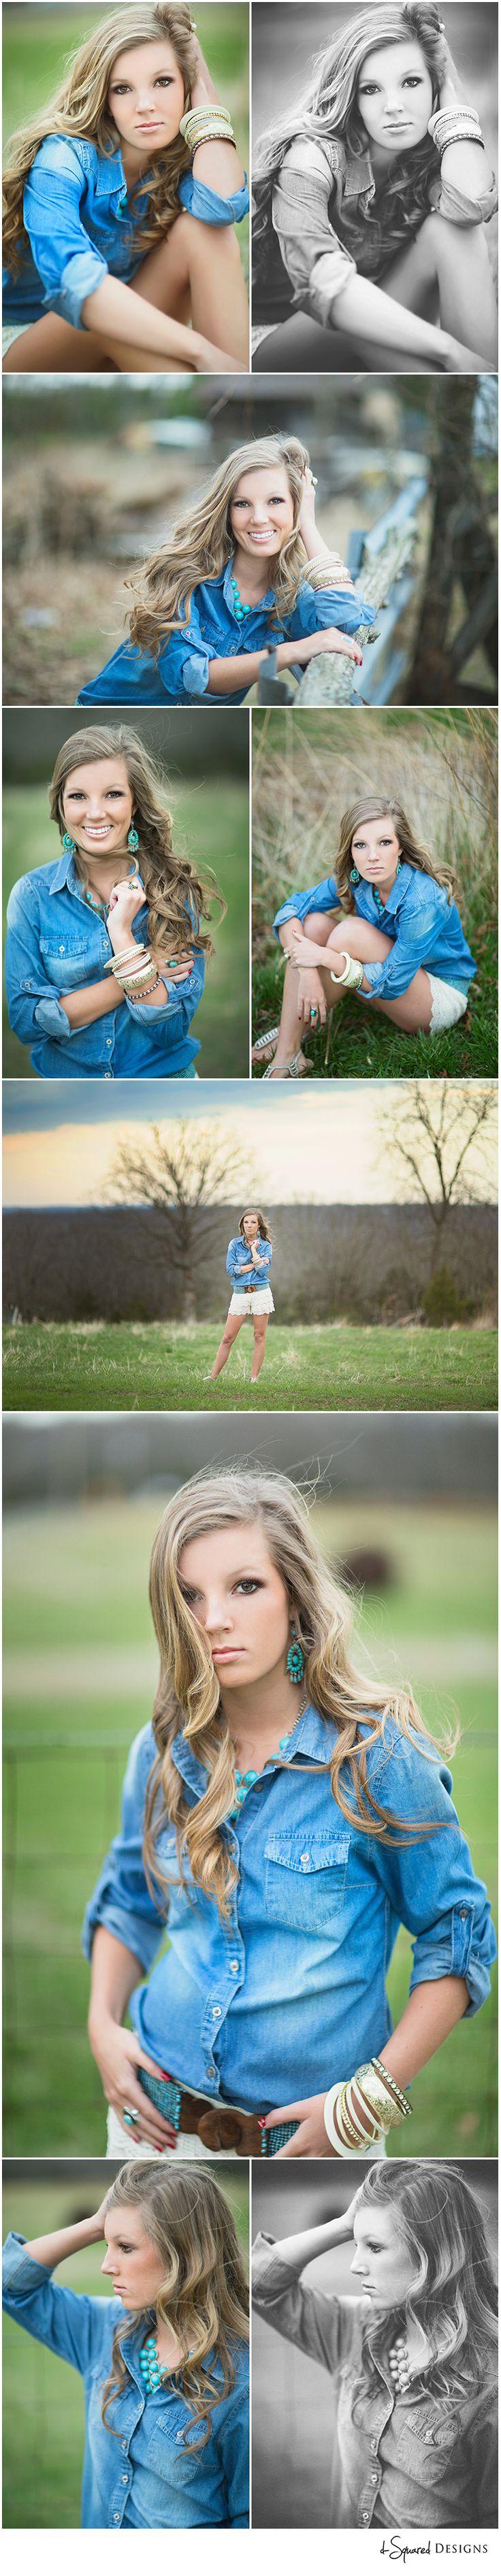 Senior Pictures | Seniors